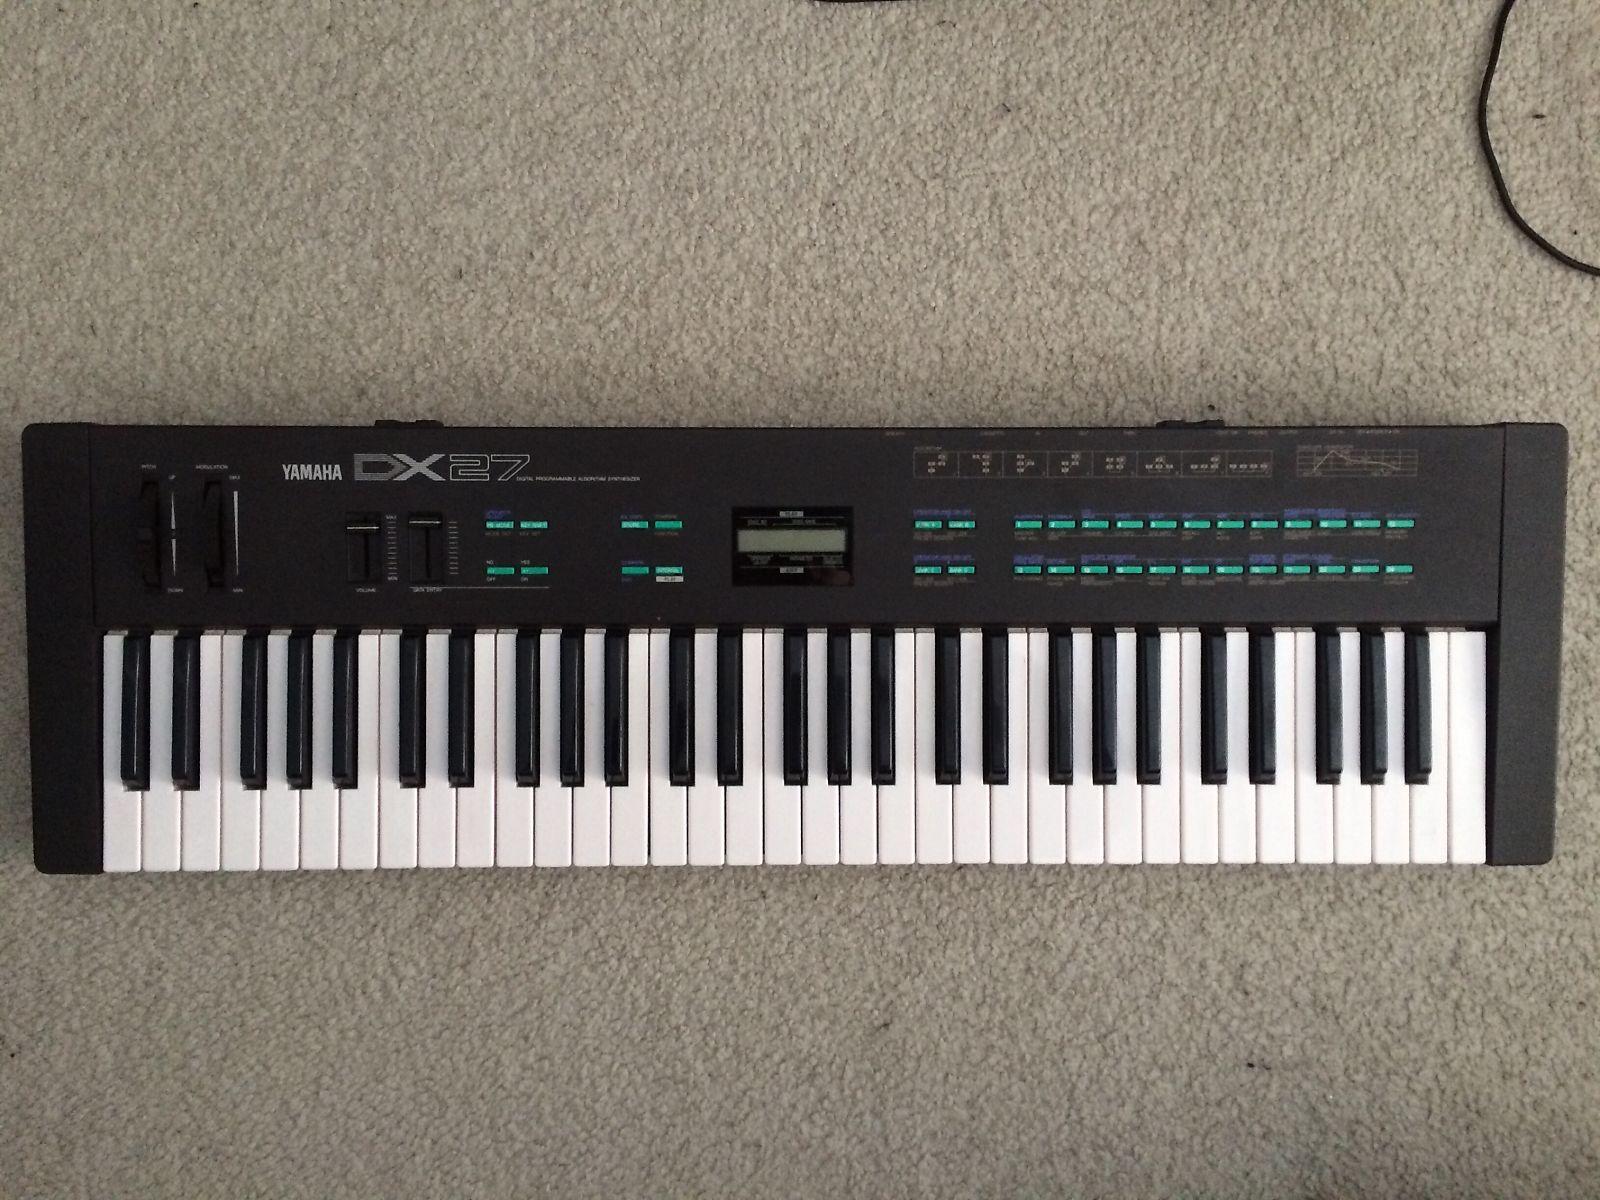 Yamaha DX21,27 keys